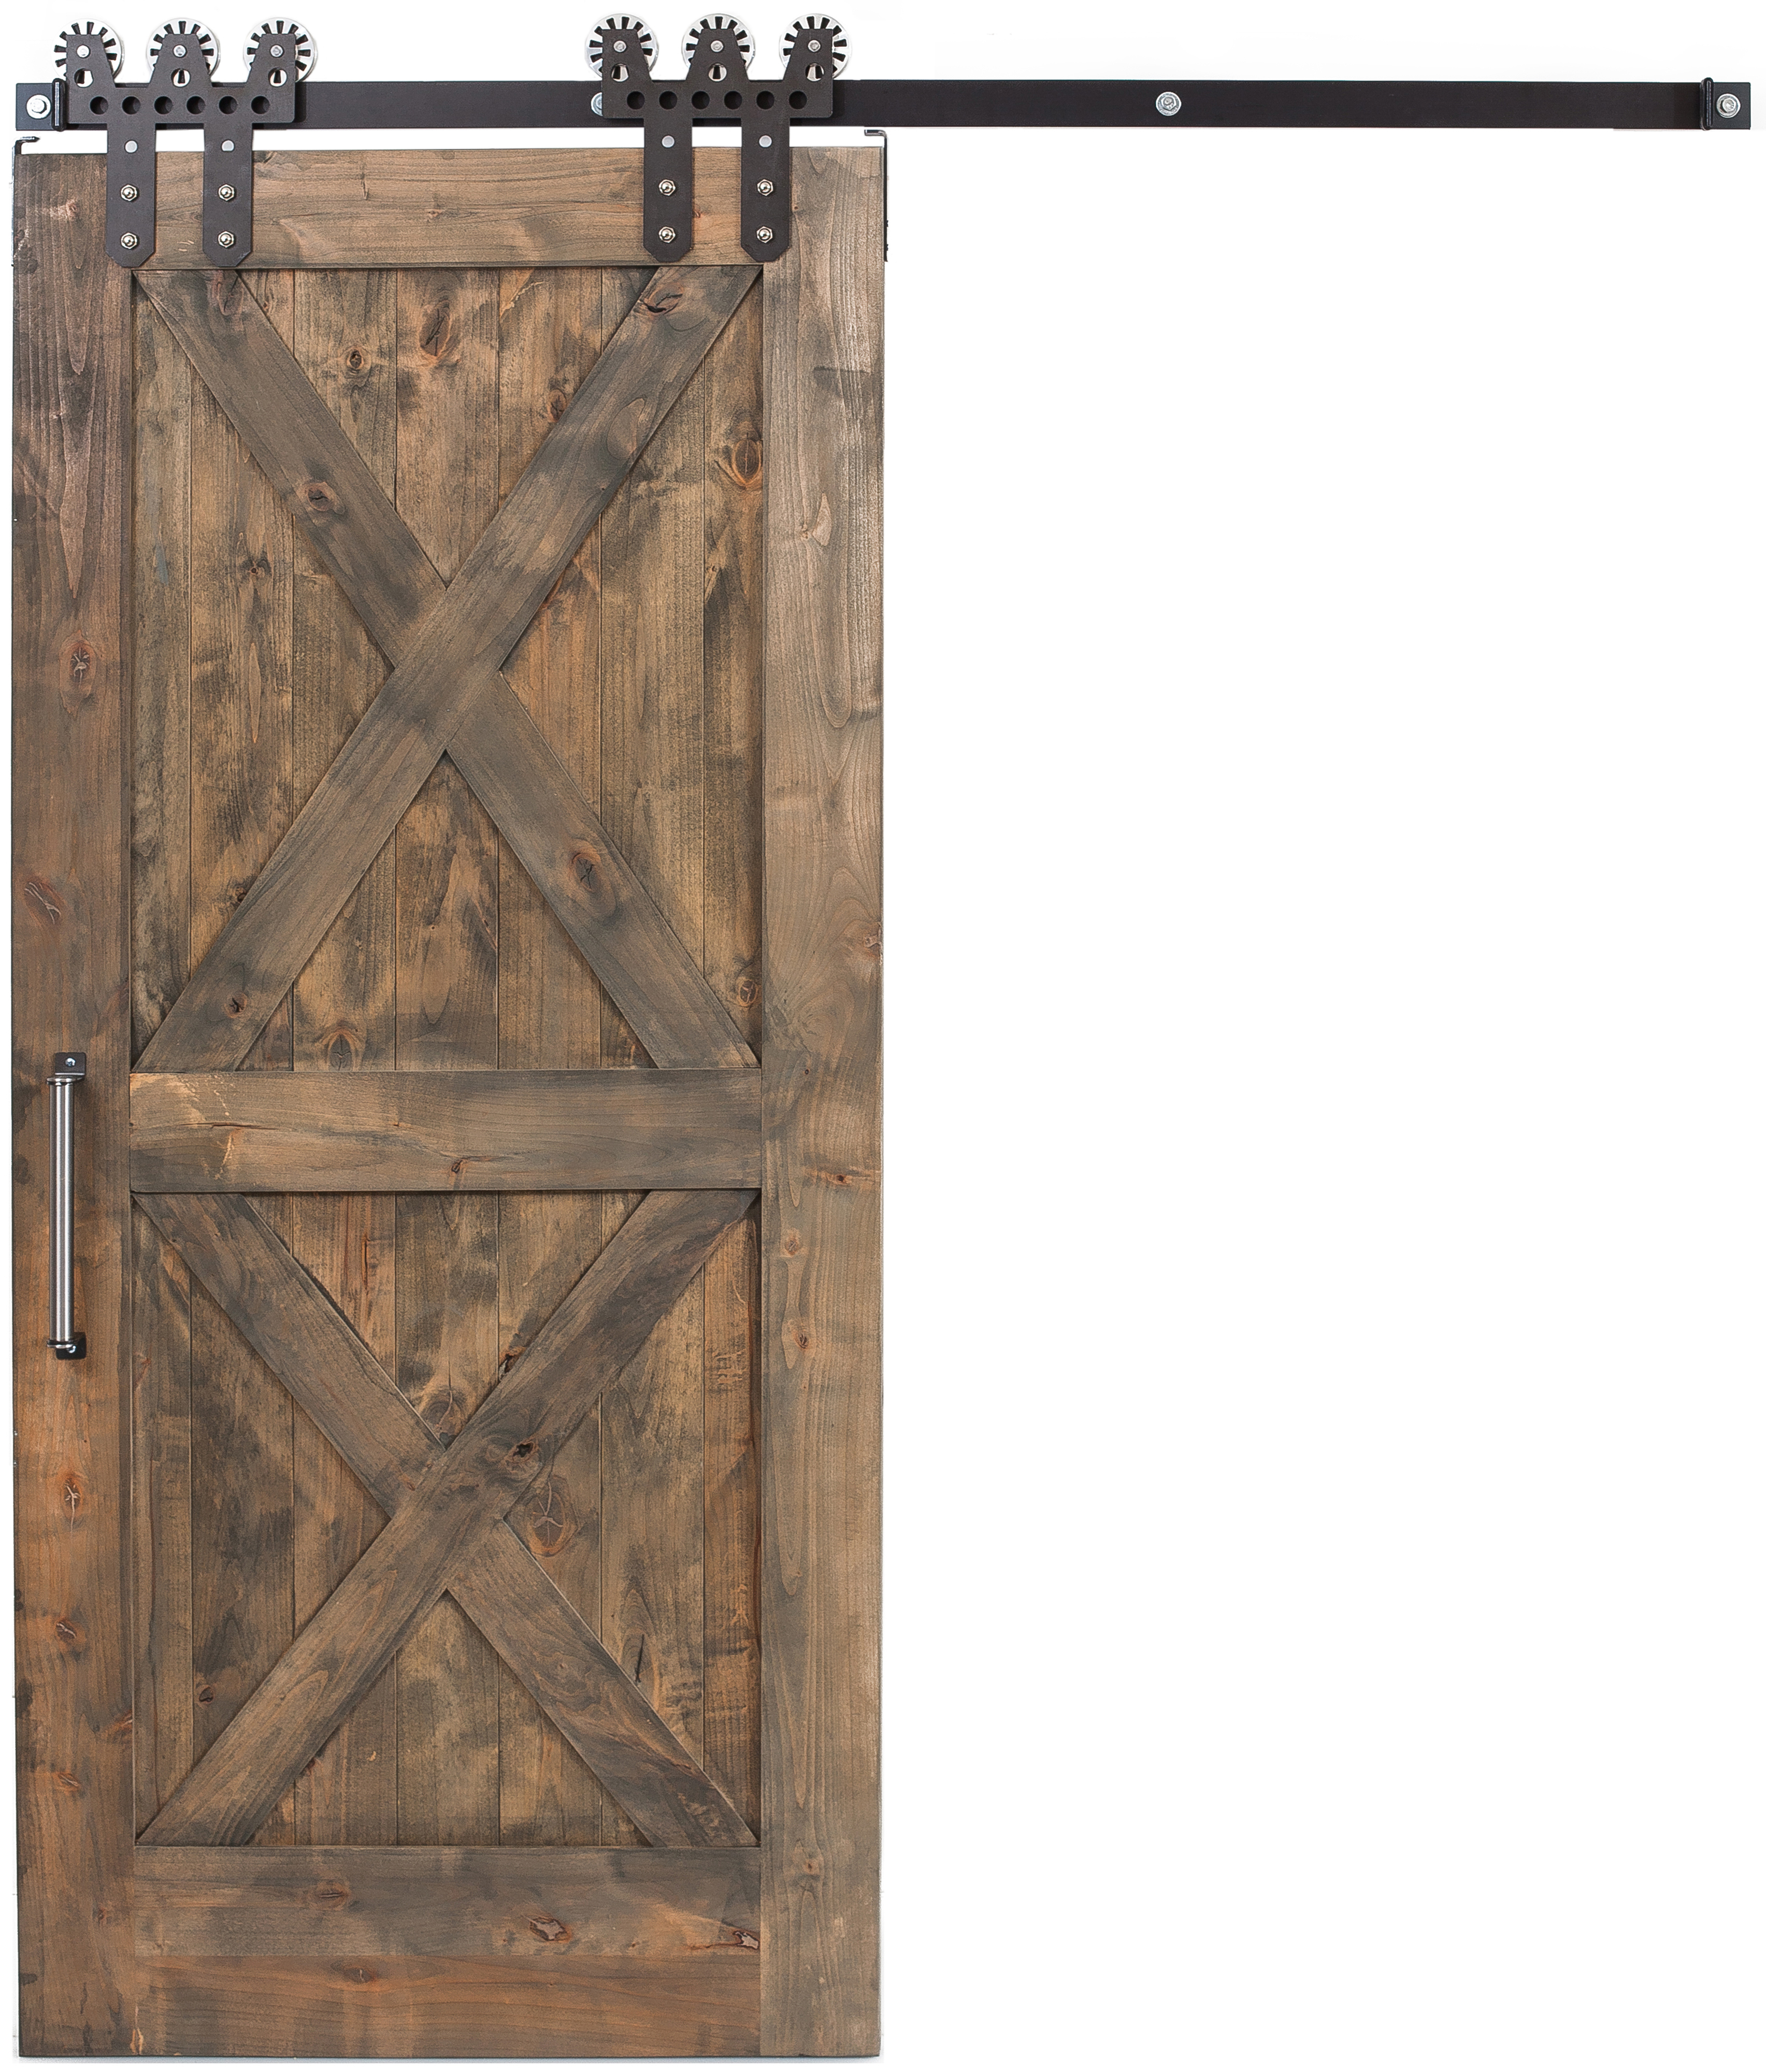 Interior Double X Sliding Barn Door Rustica Hardware